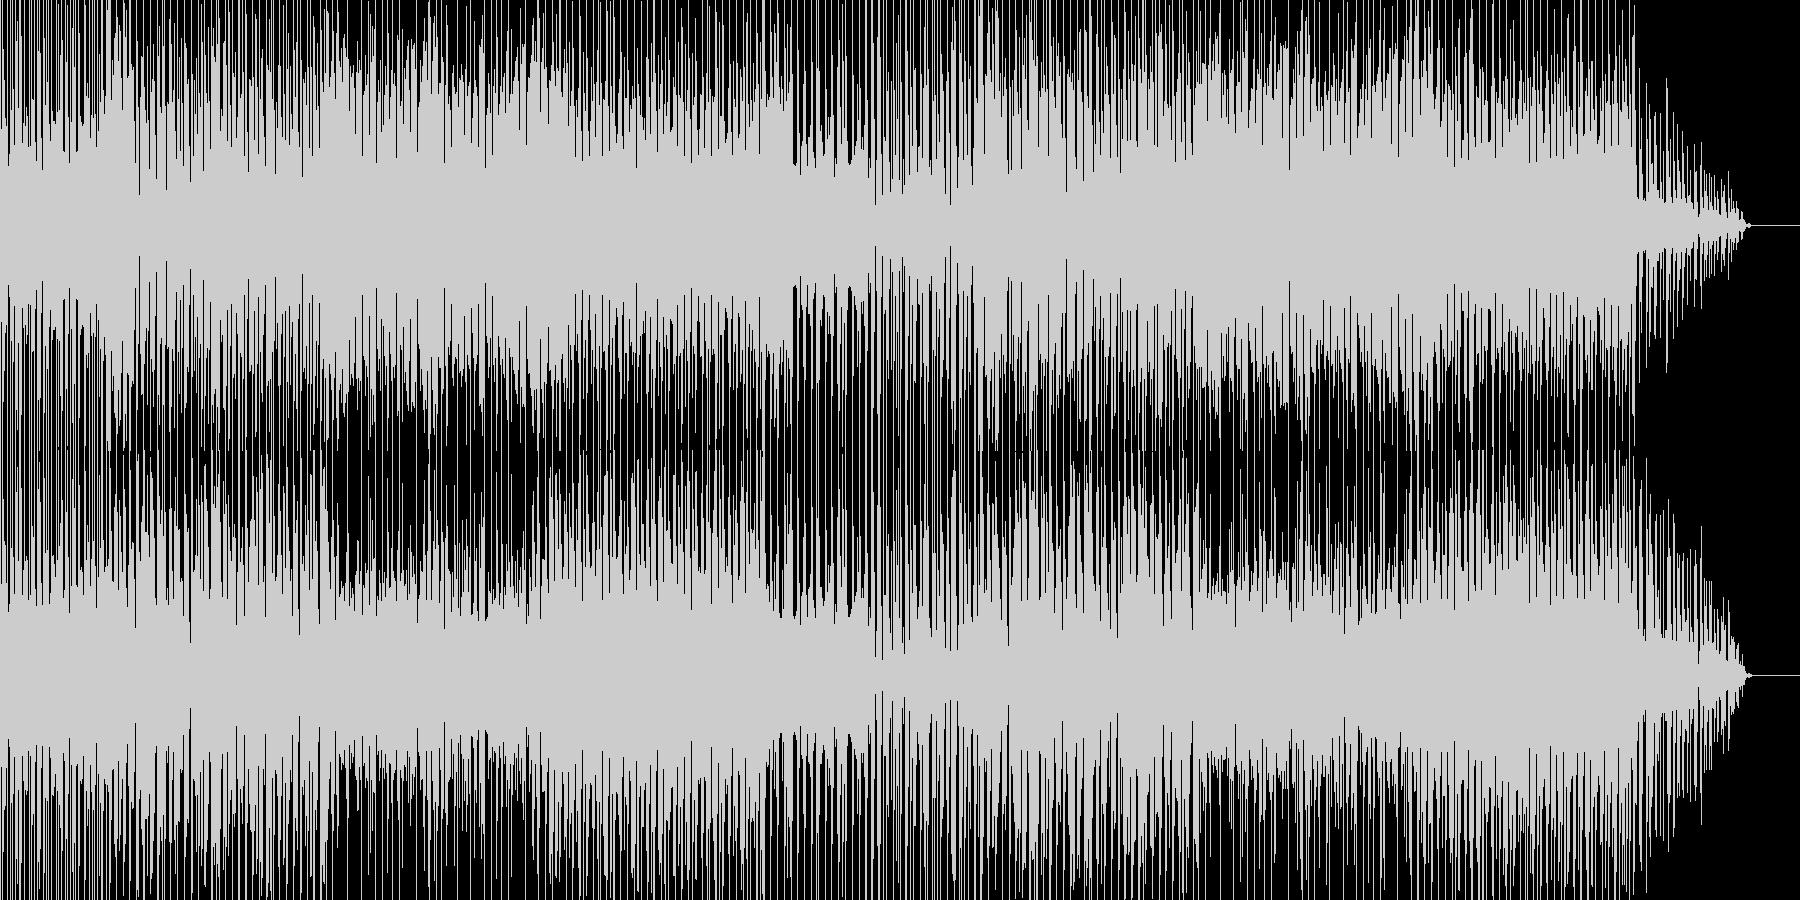 ちょっと不思議な感じのテクノ曲の未再生の波形